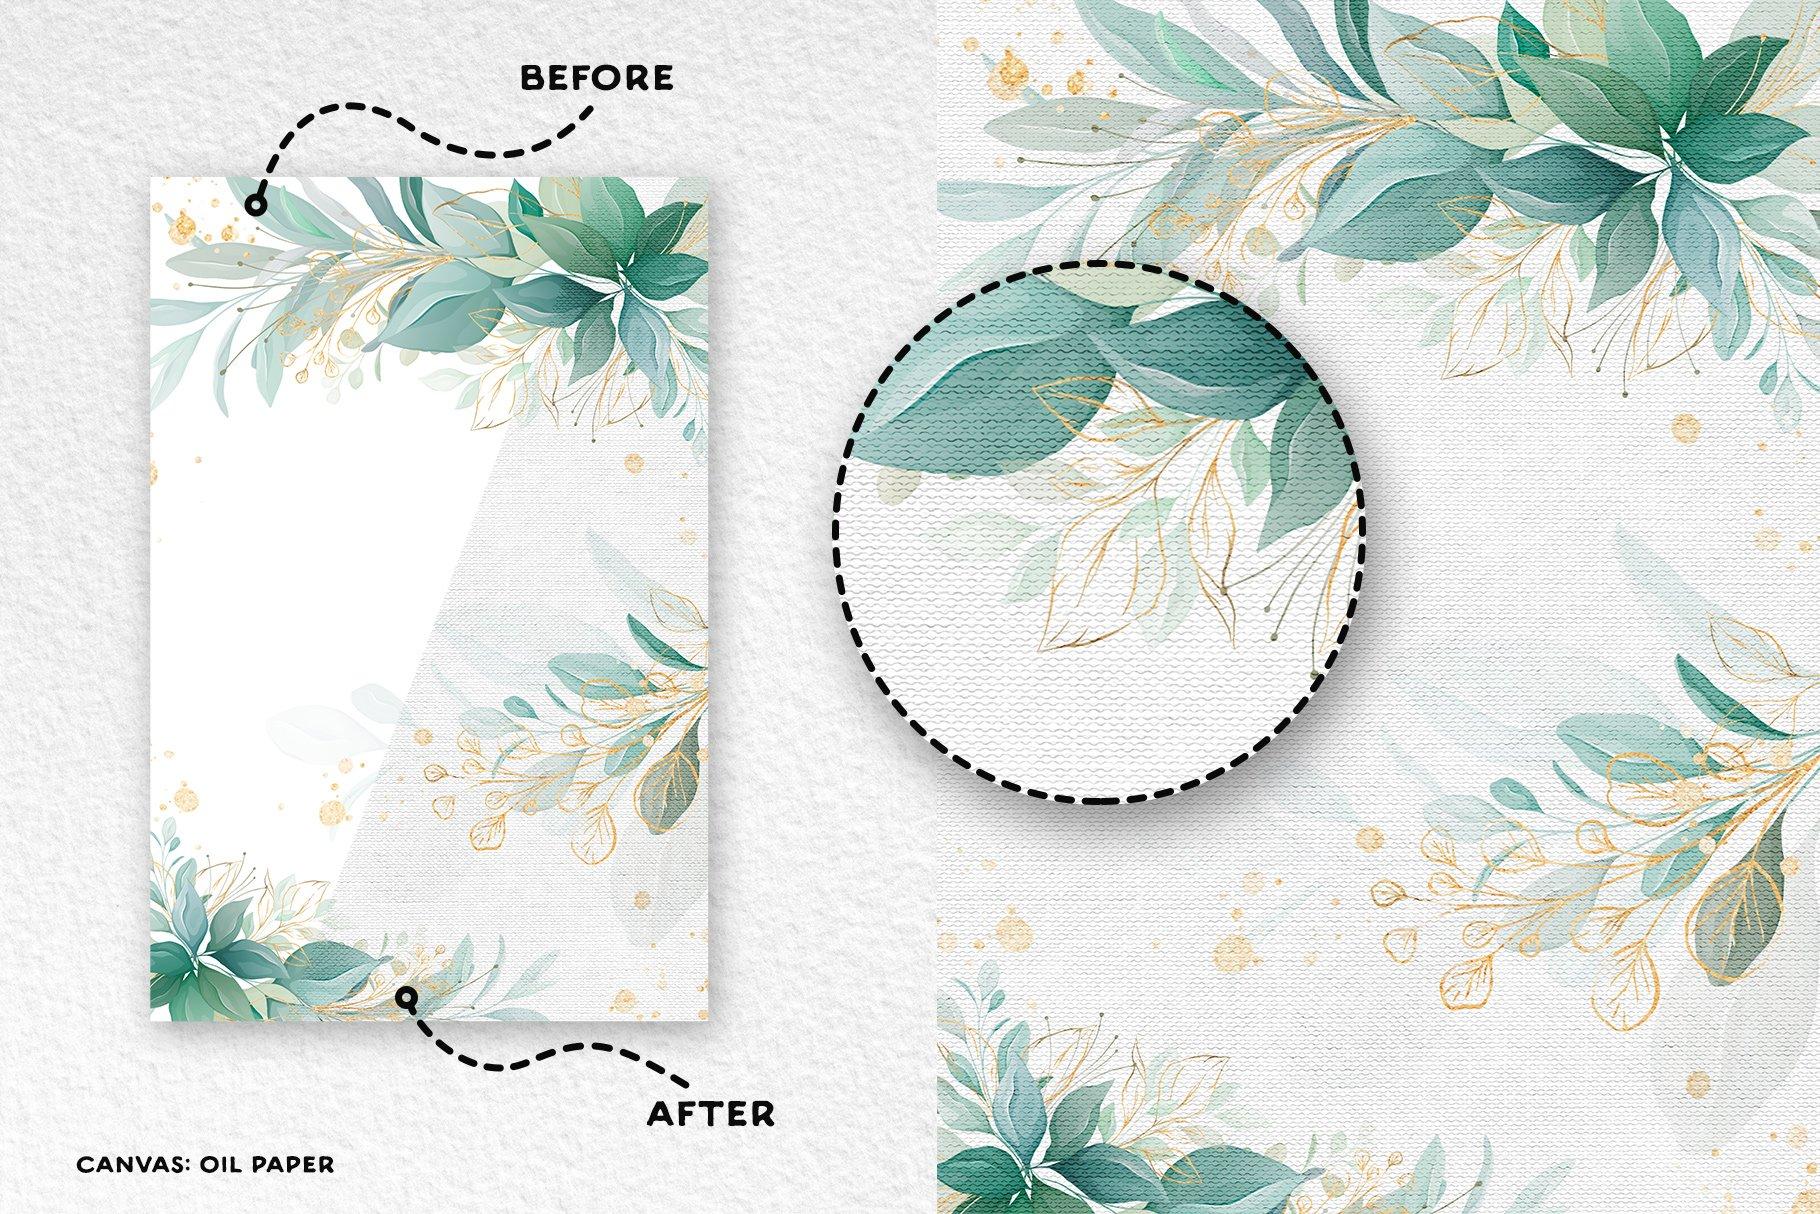 [单独购买] 17款逼真绘画画布背景Procreate纸纹理设计素材 Procreate Paper Texture Canvases插图1